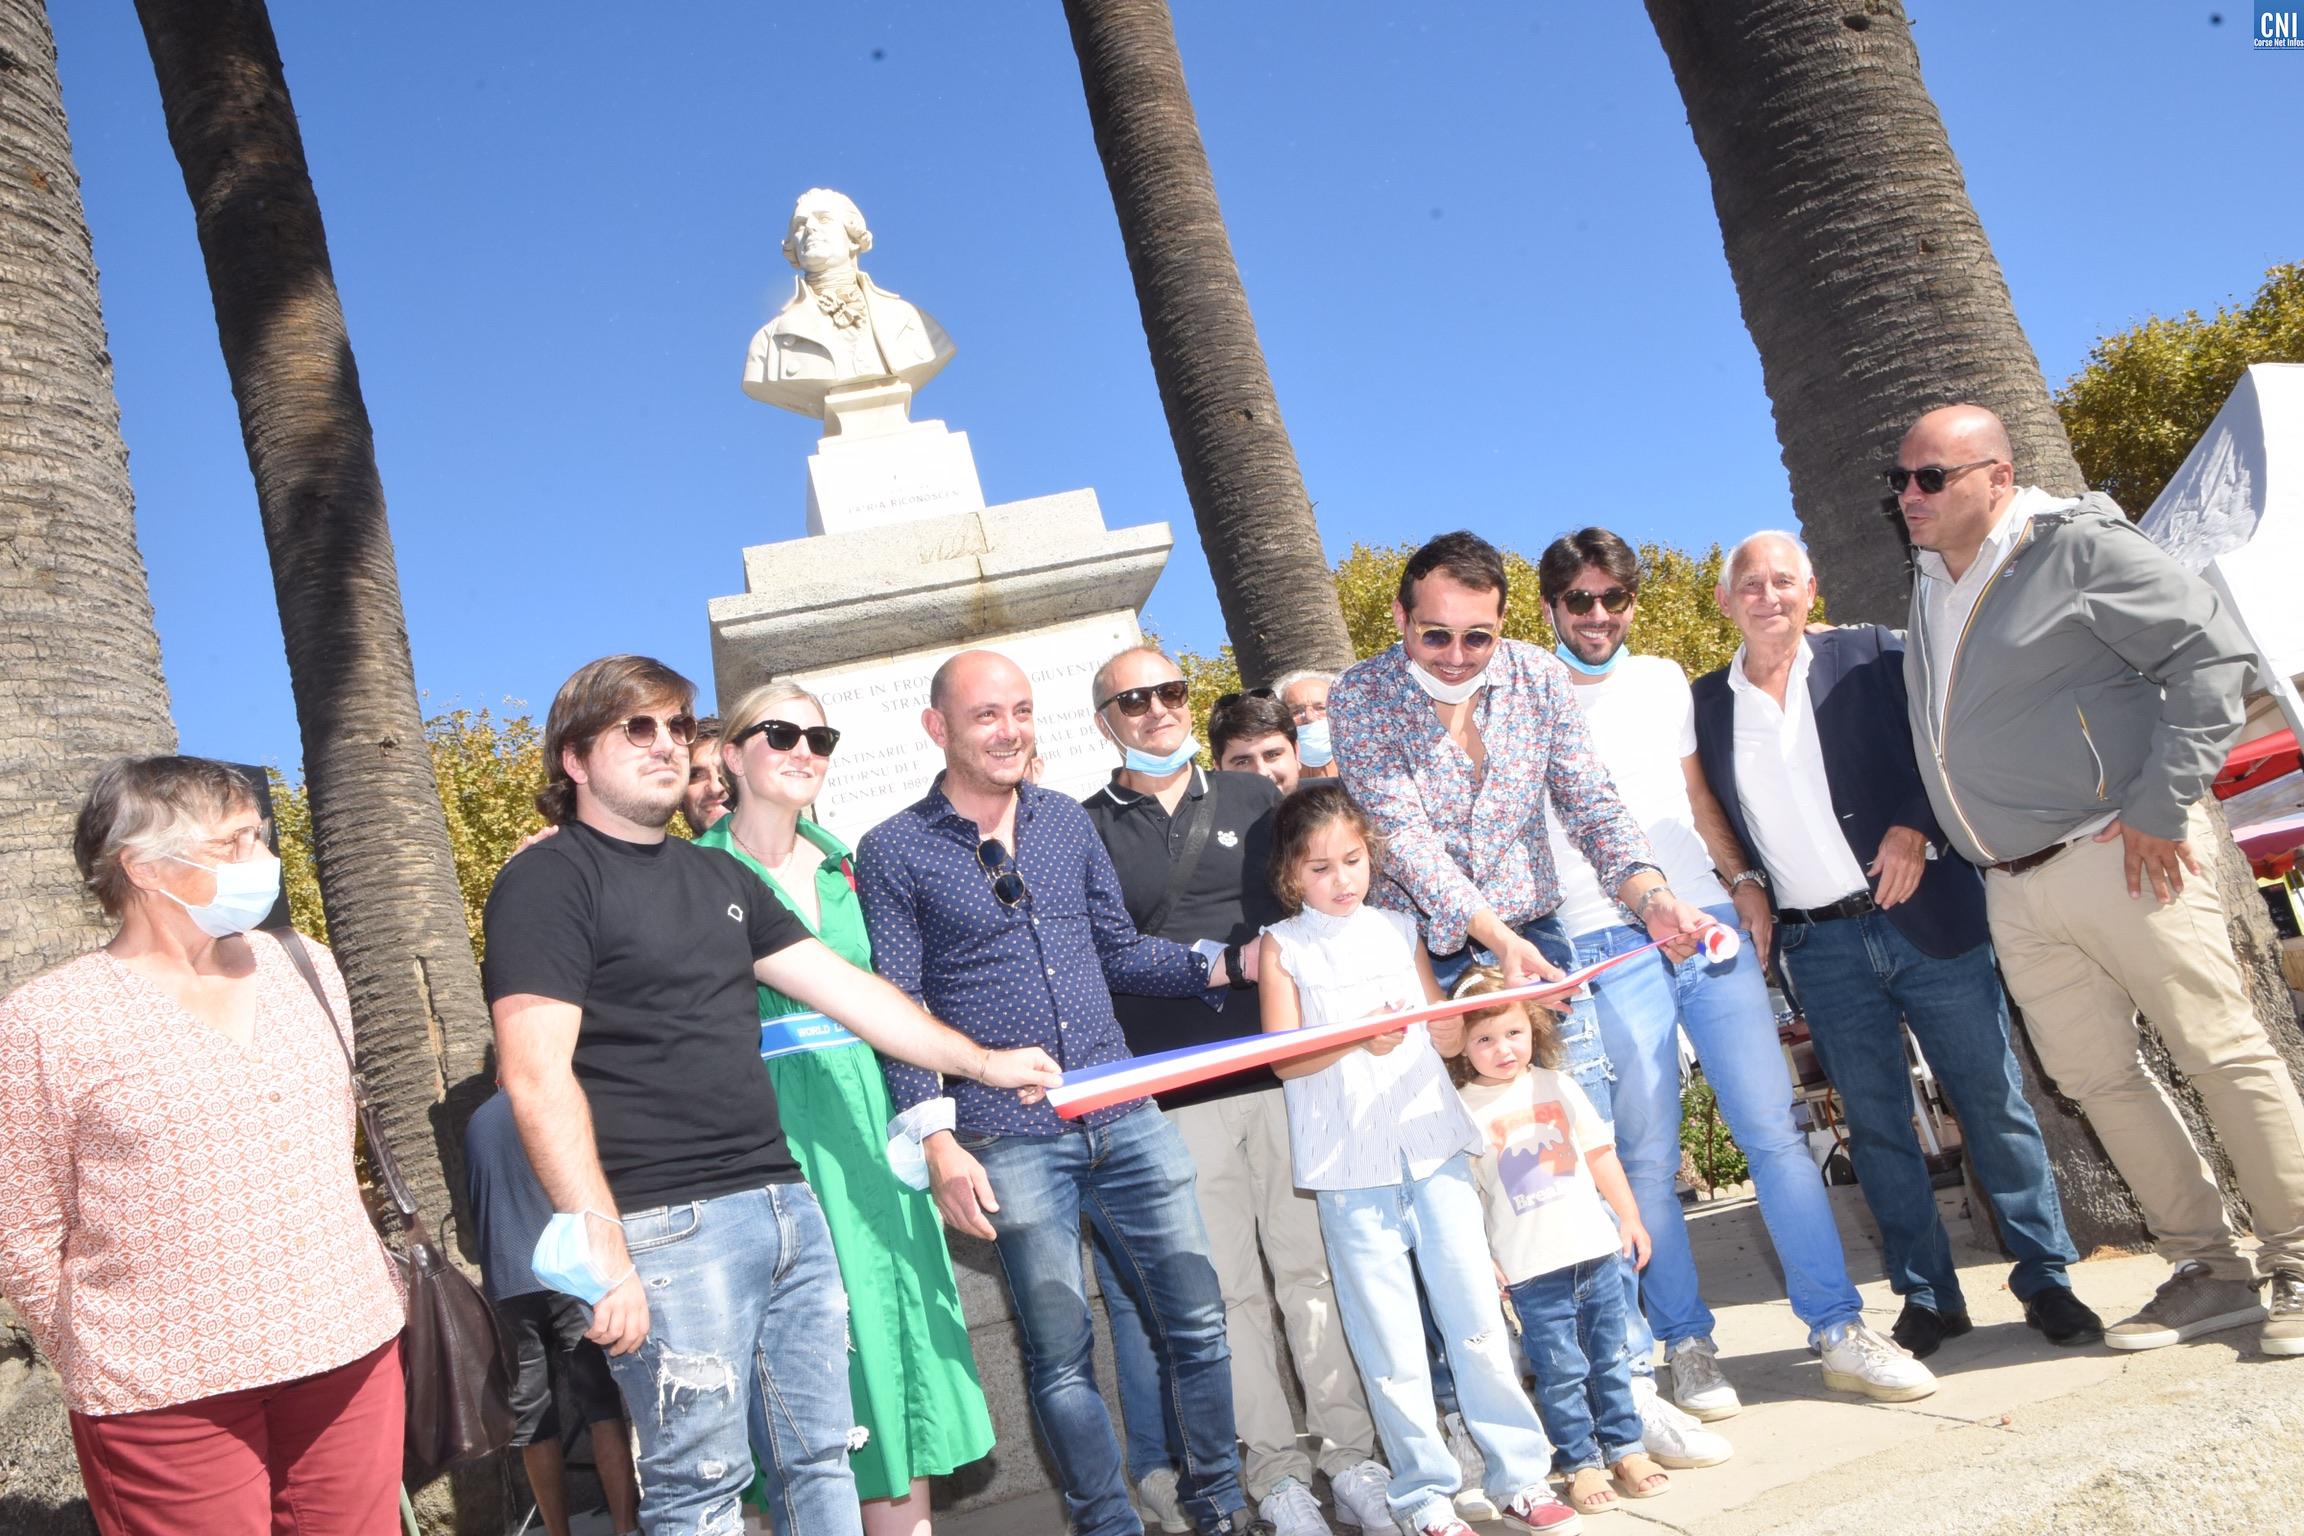 EN IMAGES - C'est parti pour a Fiera di Lisula qui fête son 192ème anniversaire